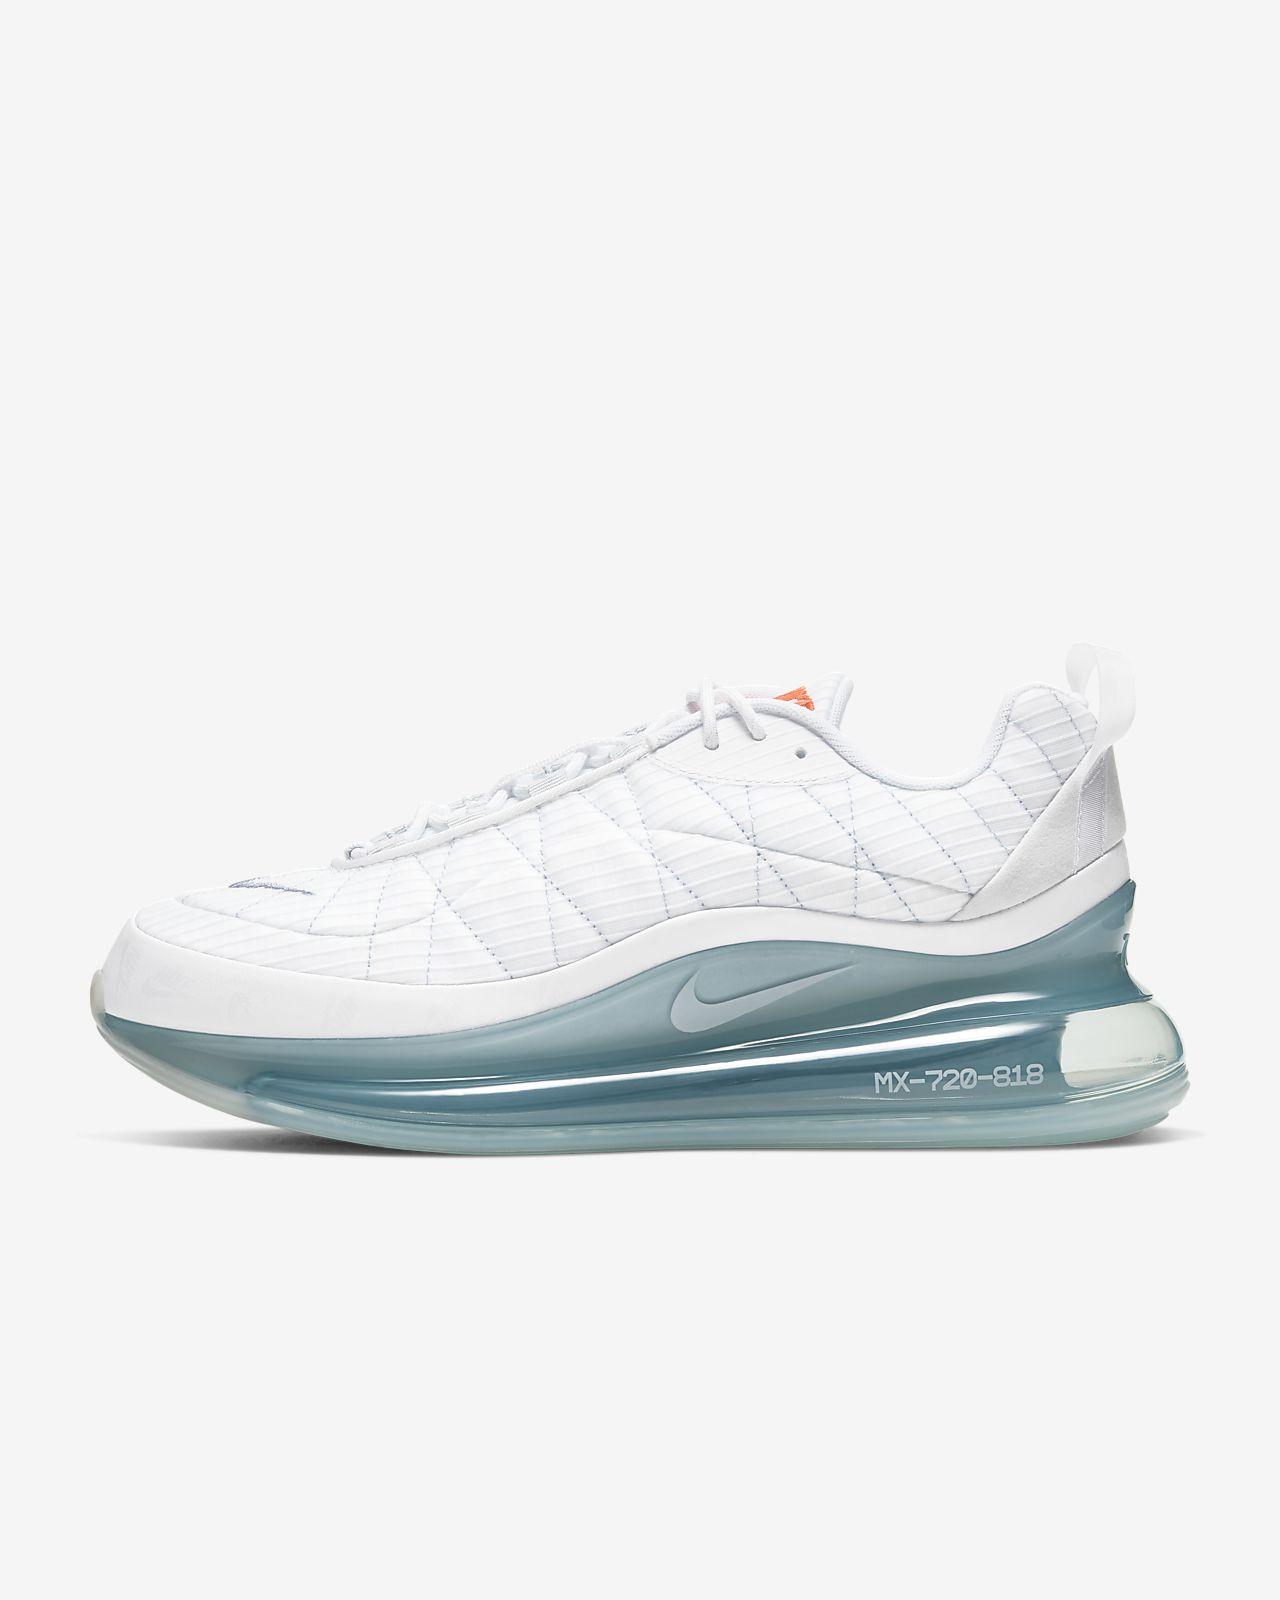 Nike MX 720 818 Men's Shoe.